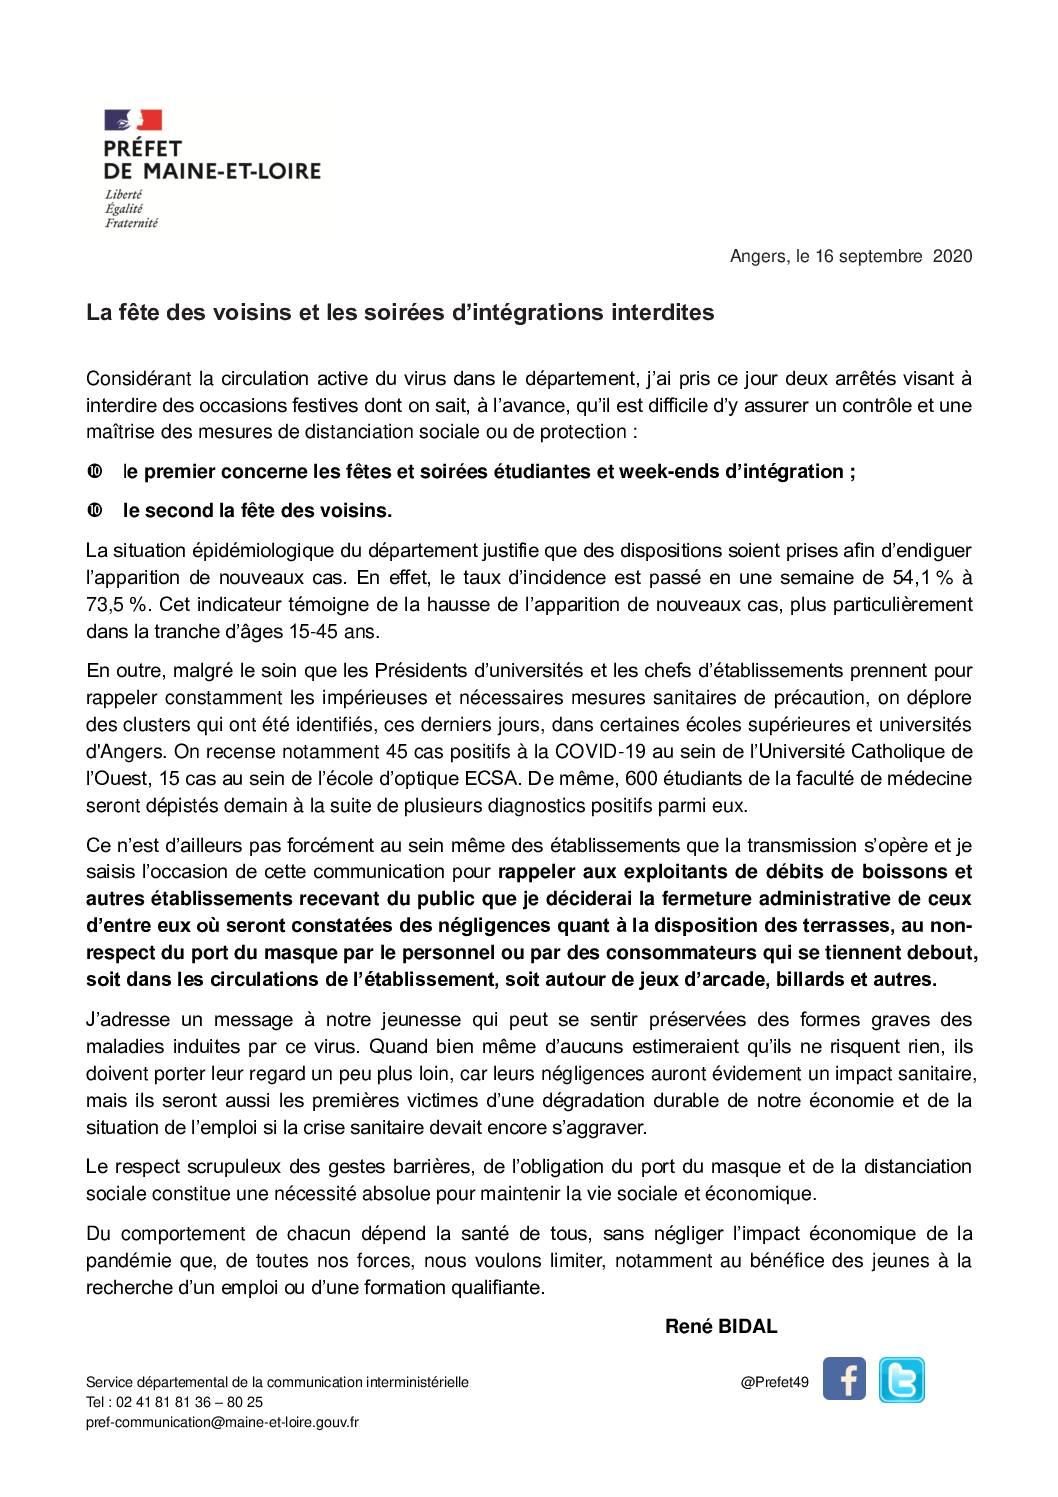 COMMUNIQUE du 16-09-2020-interdiction fete voisins et integration